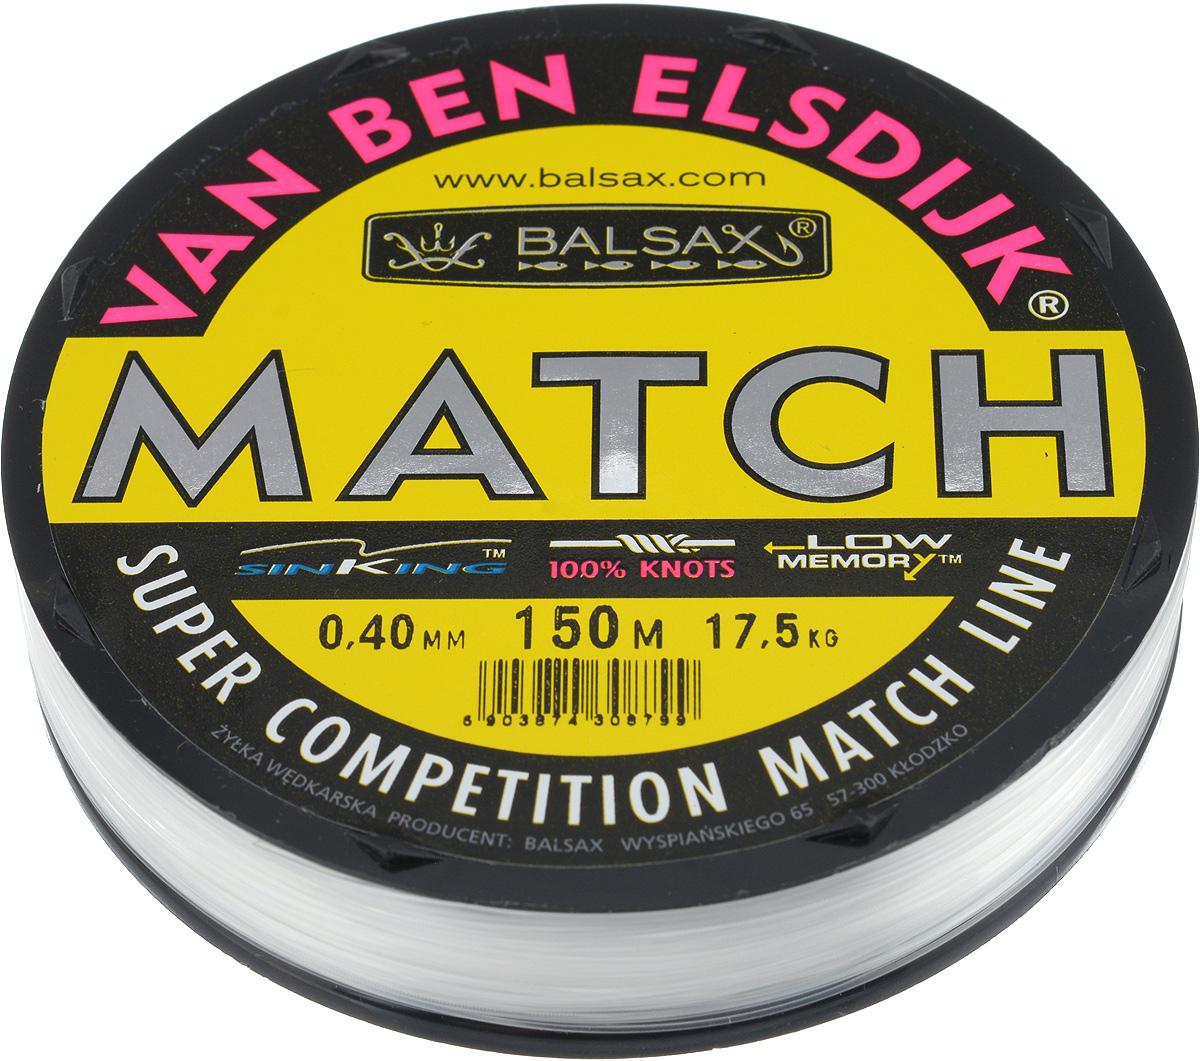 Леска Balsax Match VBE, 150 м, 0,40 мм, 17,5 кг59266Опытным спортсменам, участвующим в соревнованиях, нужна надежная леска, в которой можно быть уверенным в любой ситуации. Леска Balsax Match VBE отличается замечательной прочностью на узле и высокой сопротивляемостью к истиранию. Она была проверена на склонность к остаточным деформациям, чтобы убедиться в том, что она обладает наиболее подходящей растяжимостью, отвечая самым строгим требованиям рыболовов. Такая леска отлично подходит как для спортивного, так и для любительского рыболовства.